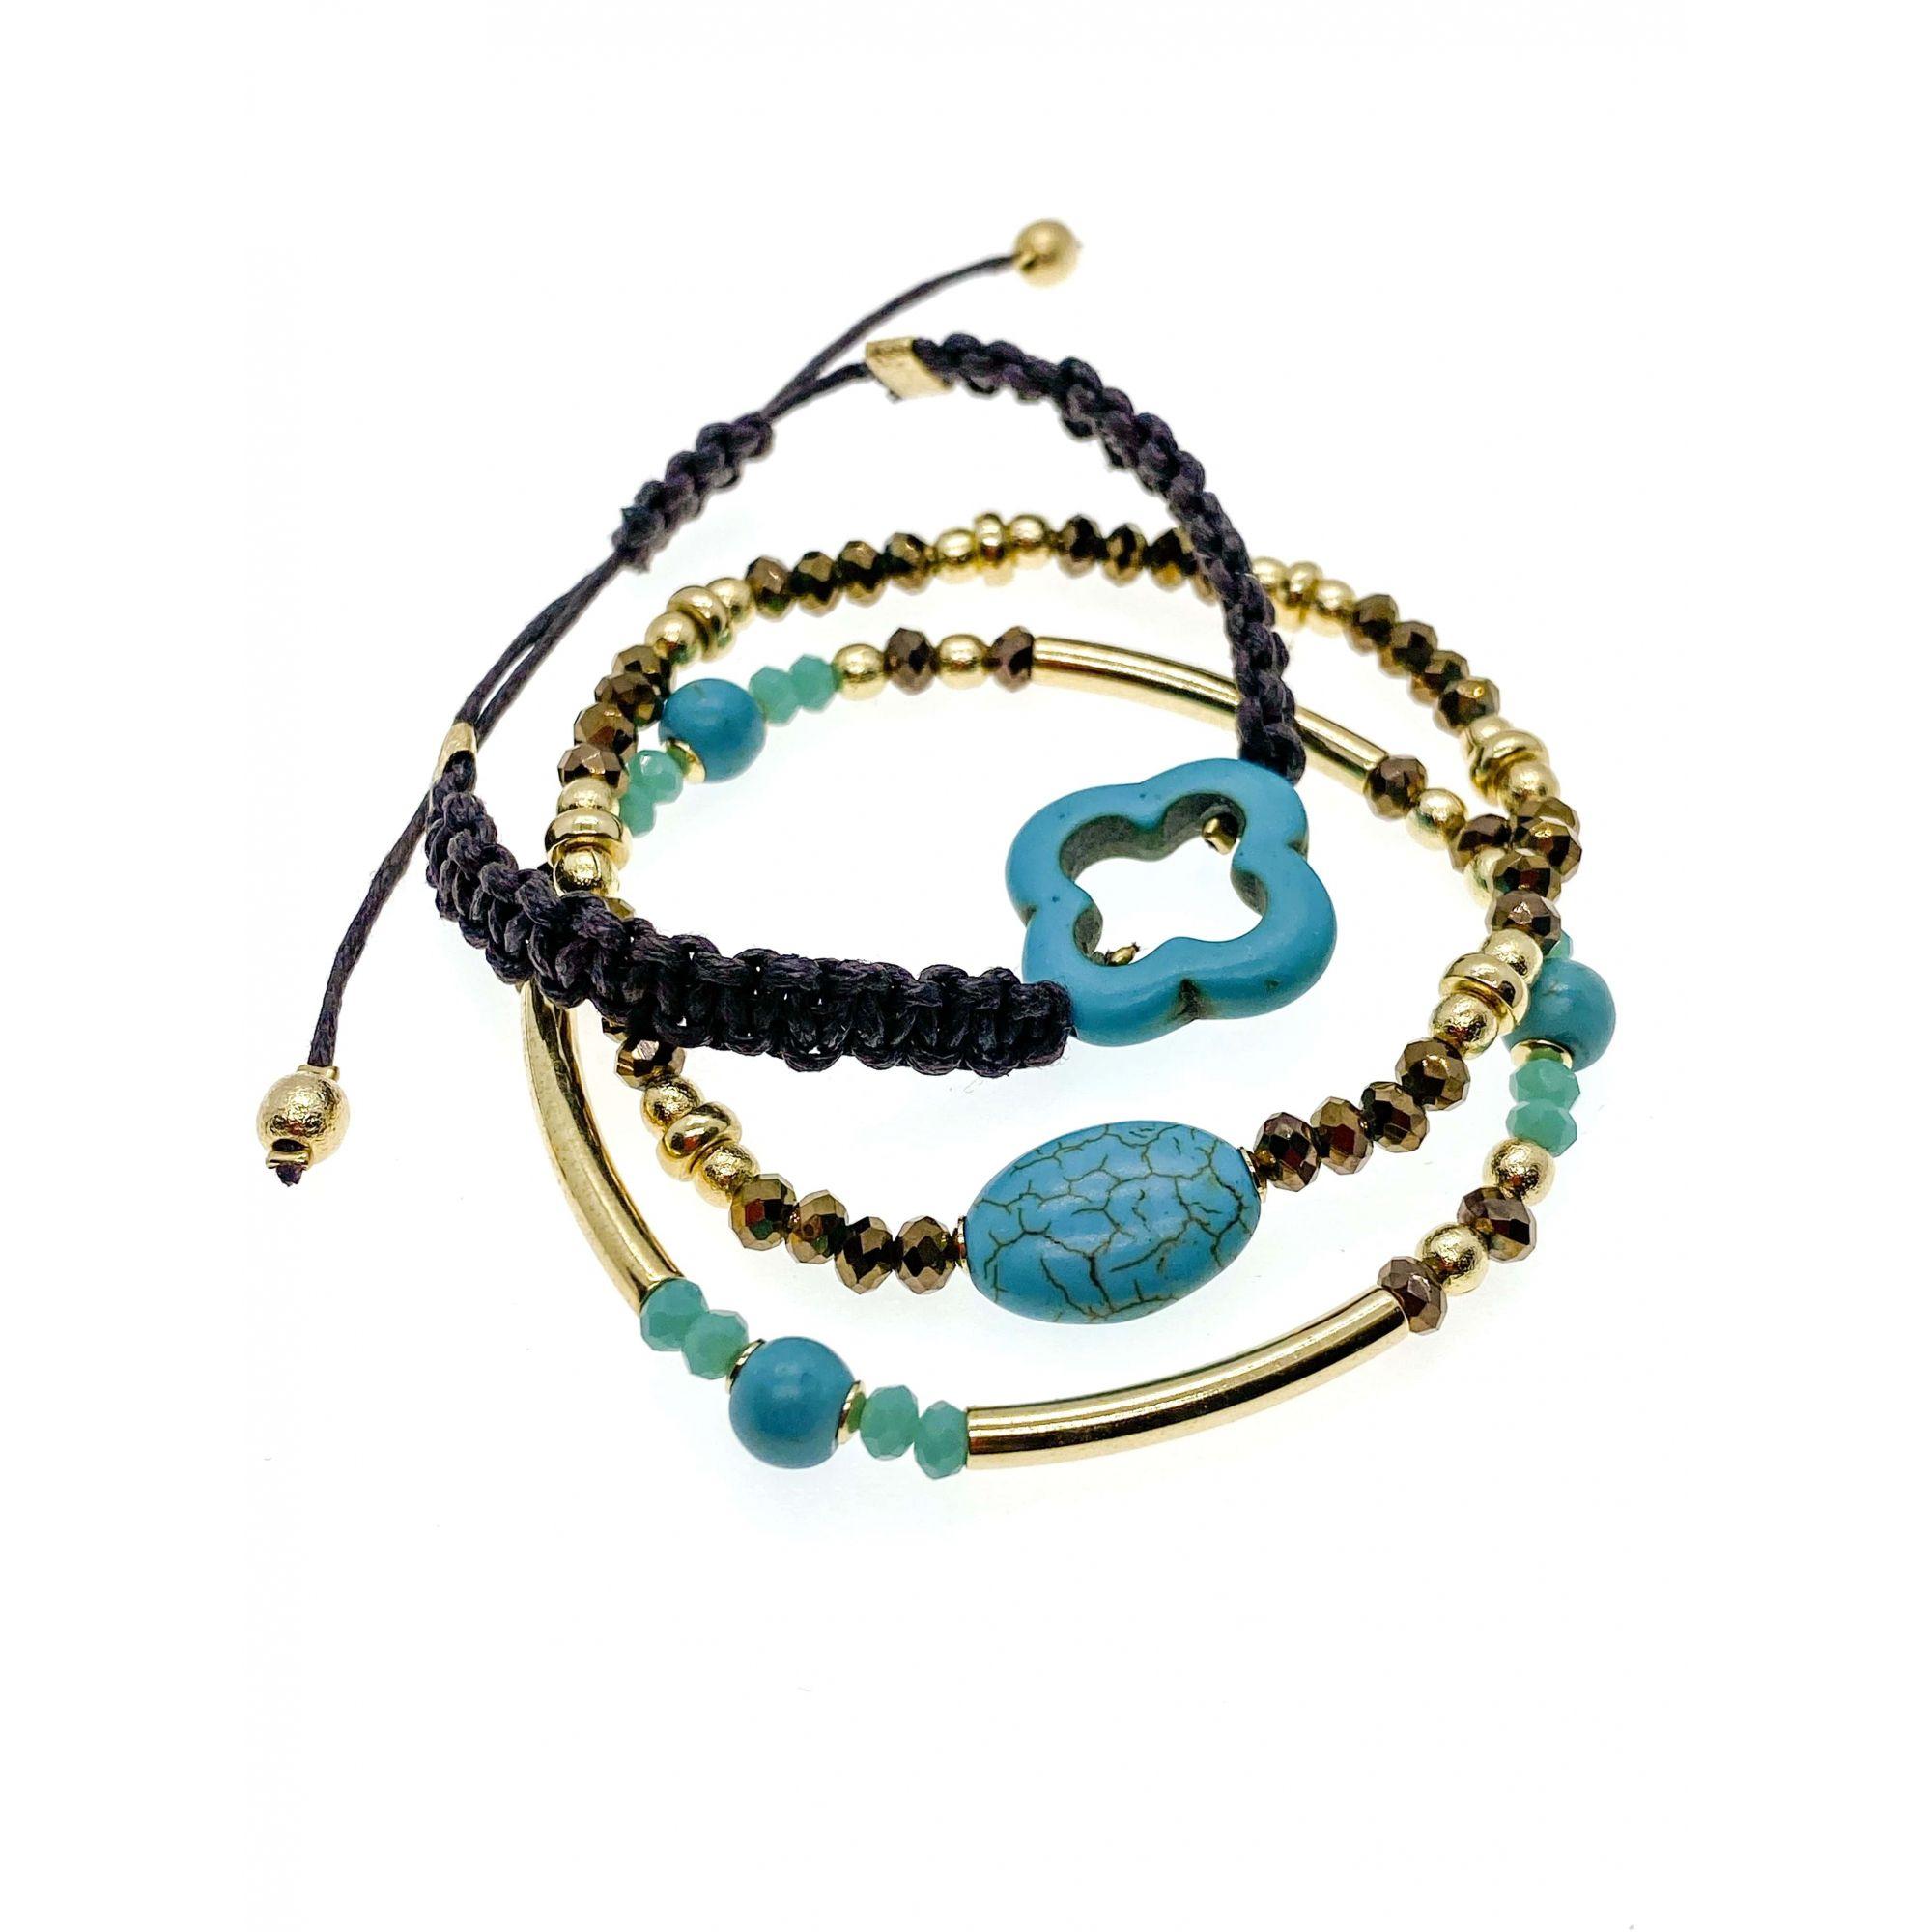 Trio de pulseiras Trancoso, com pedra turquesa e macramê.